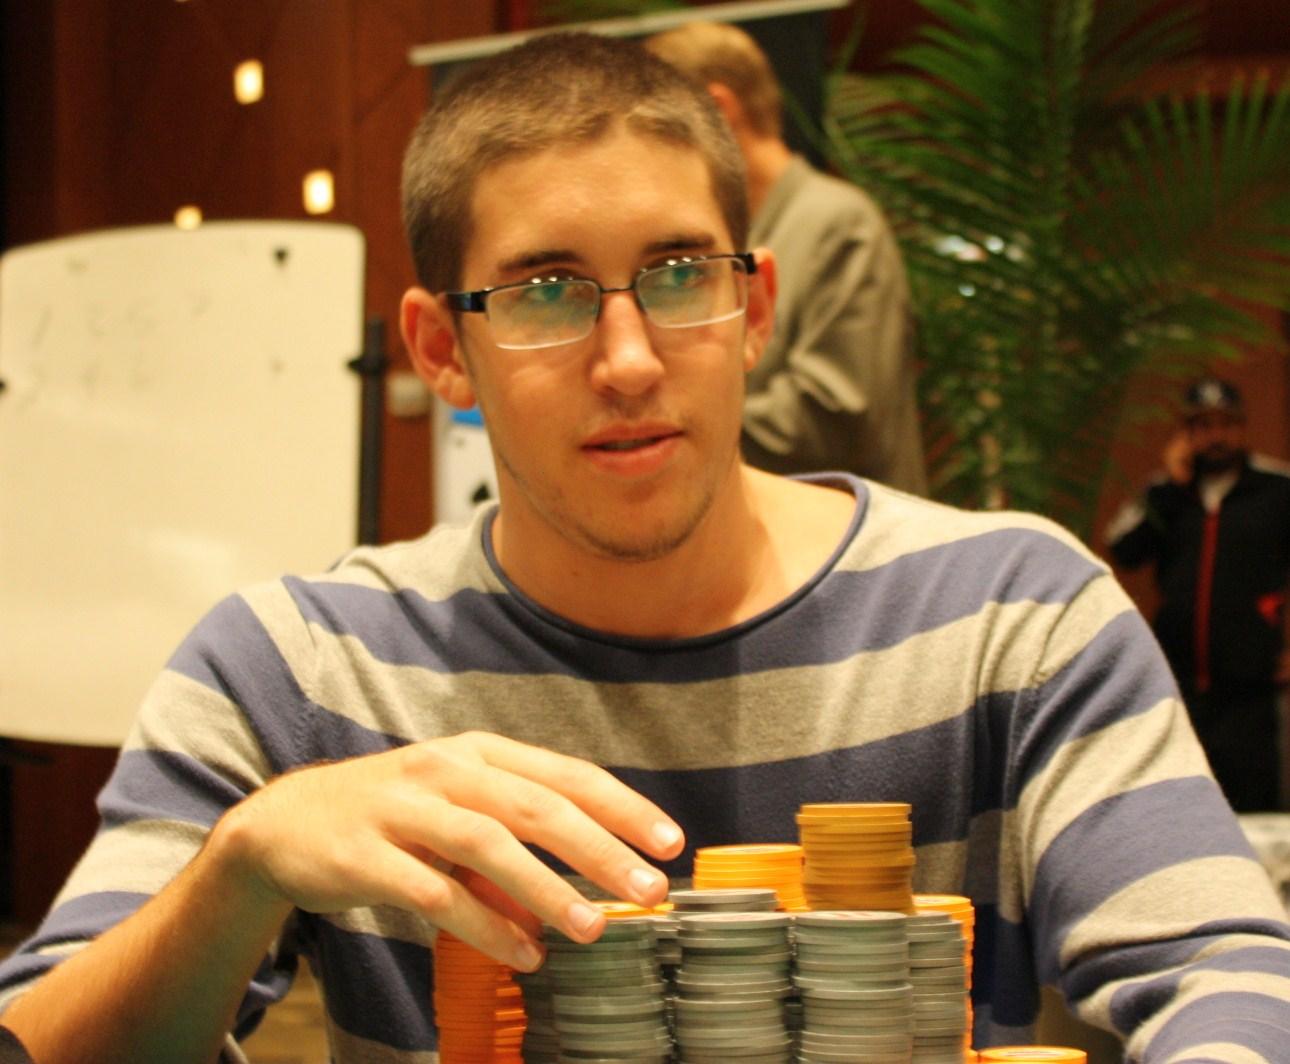 Daniel Colman Takes Down SHRPO 2014